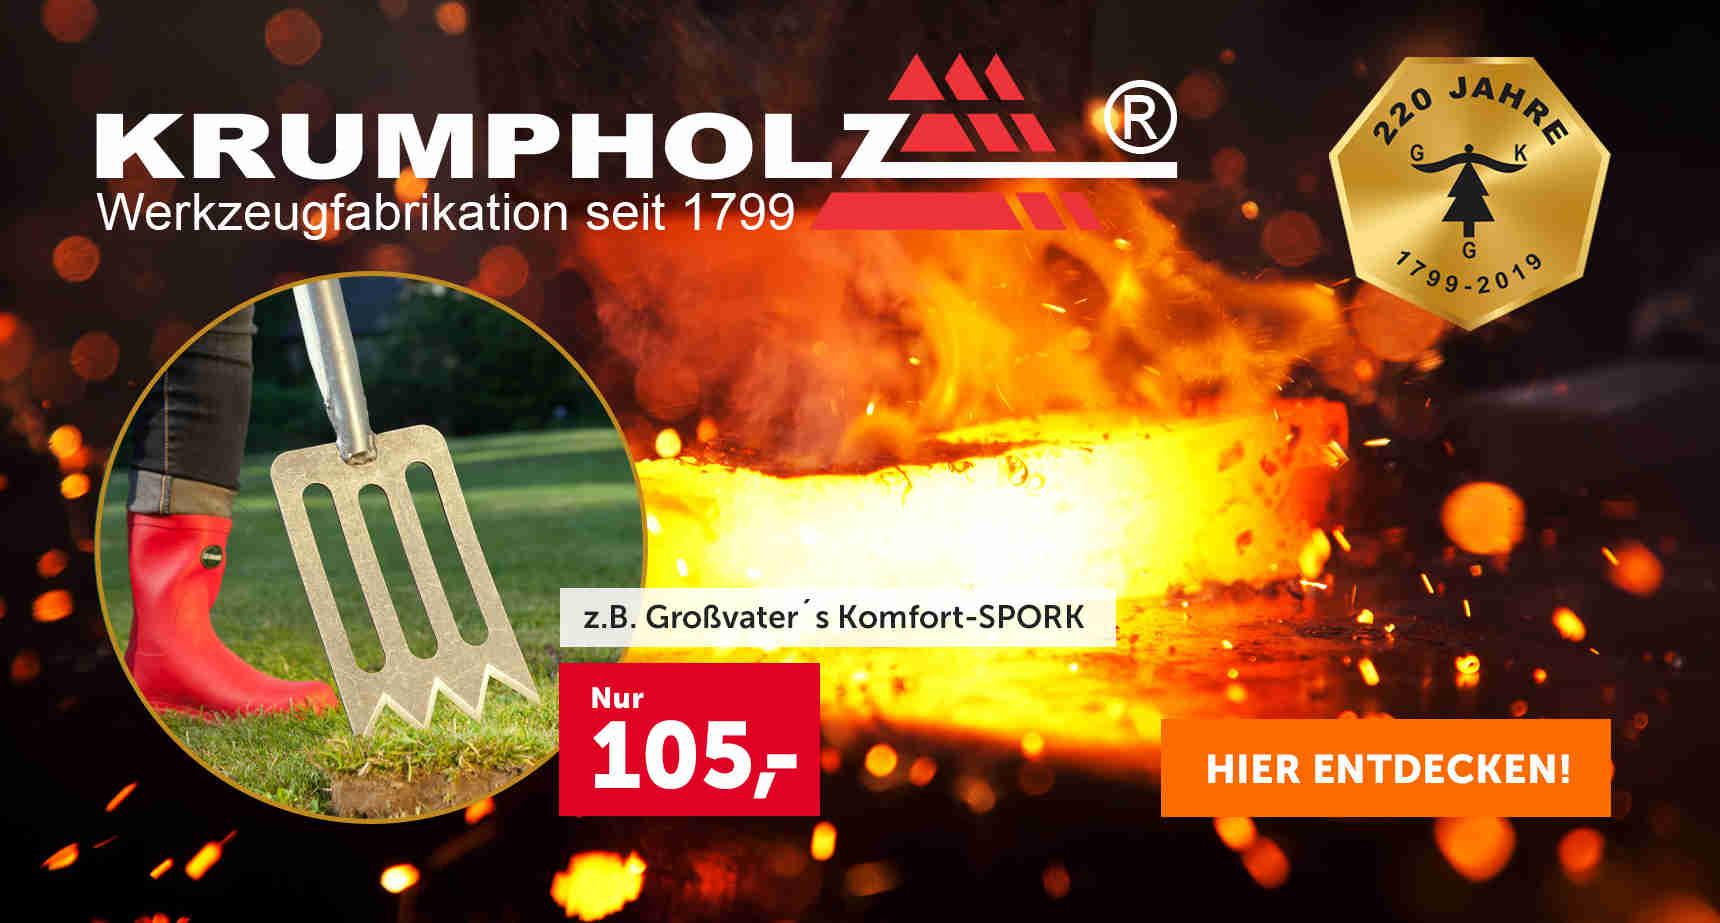 +++ (2) Krumpholz +++ - 3